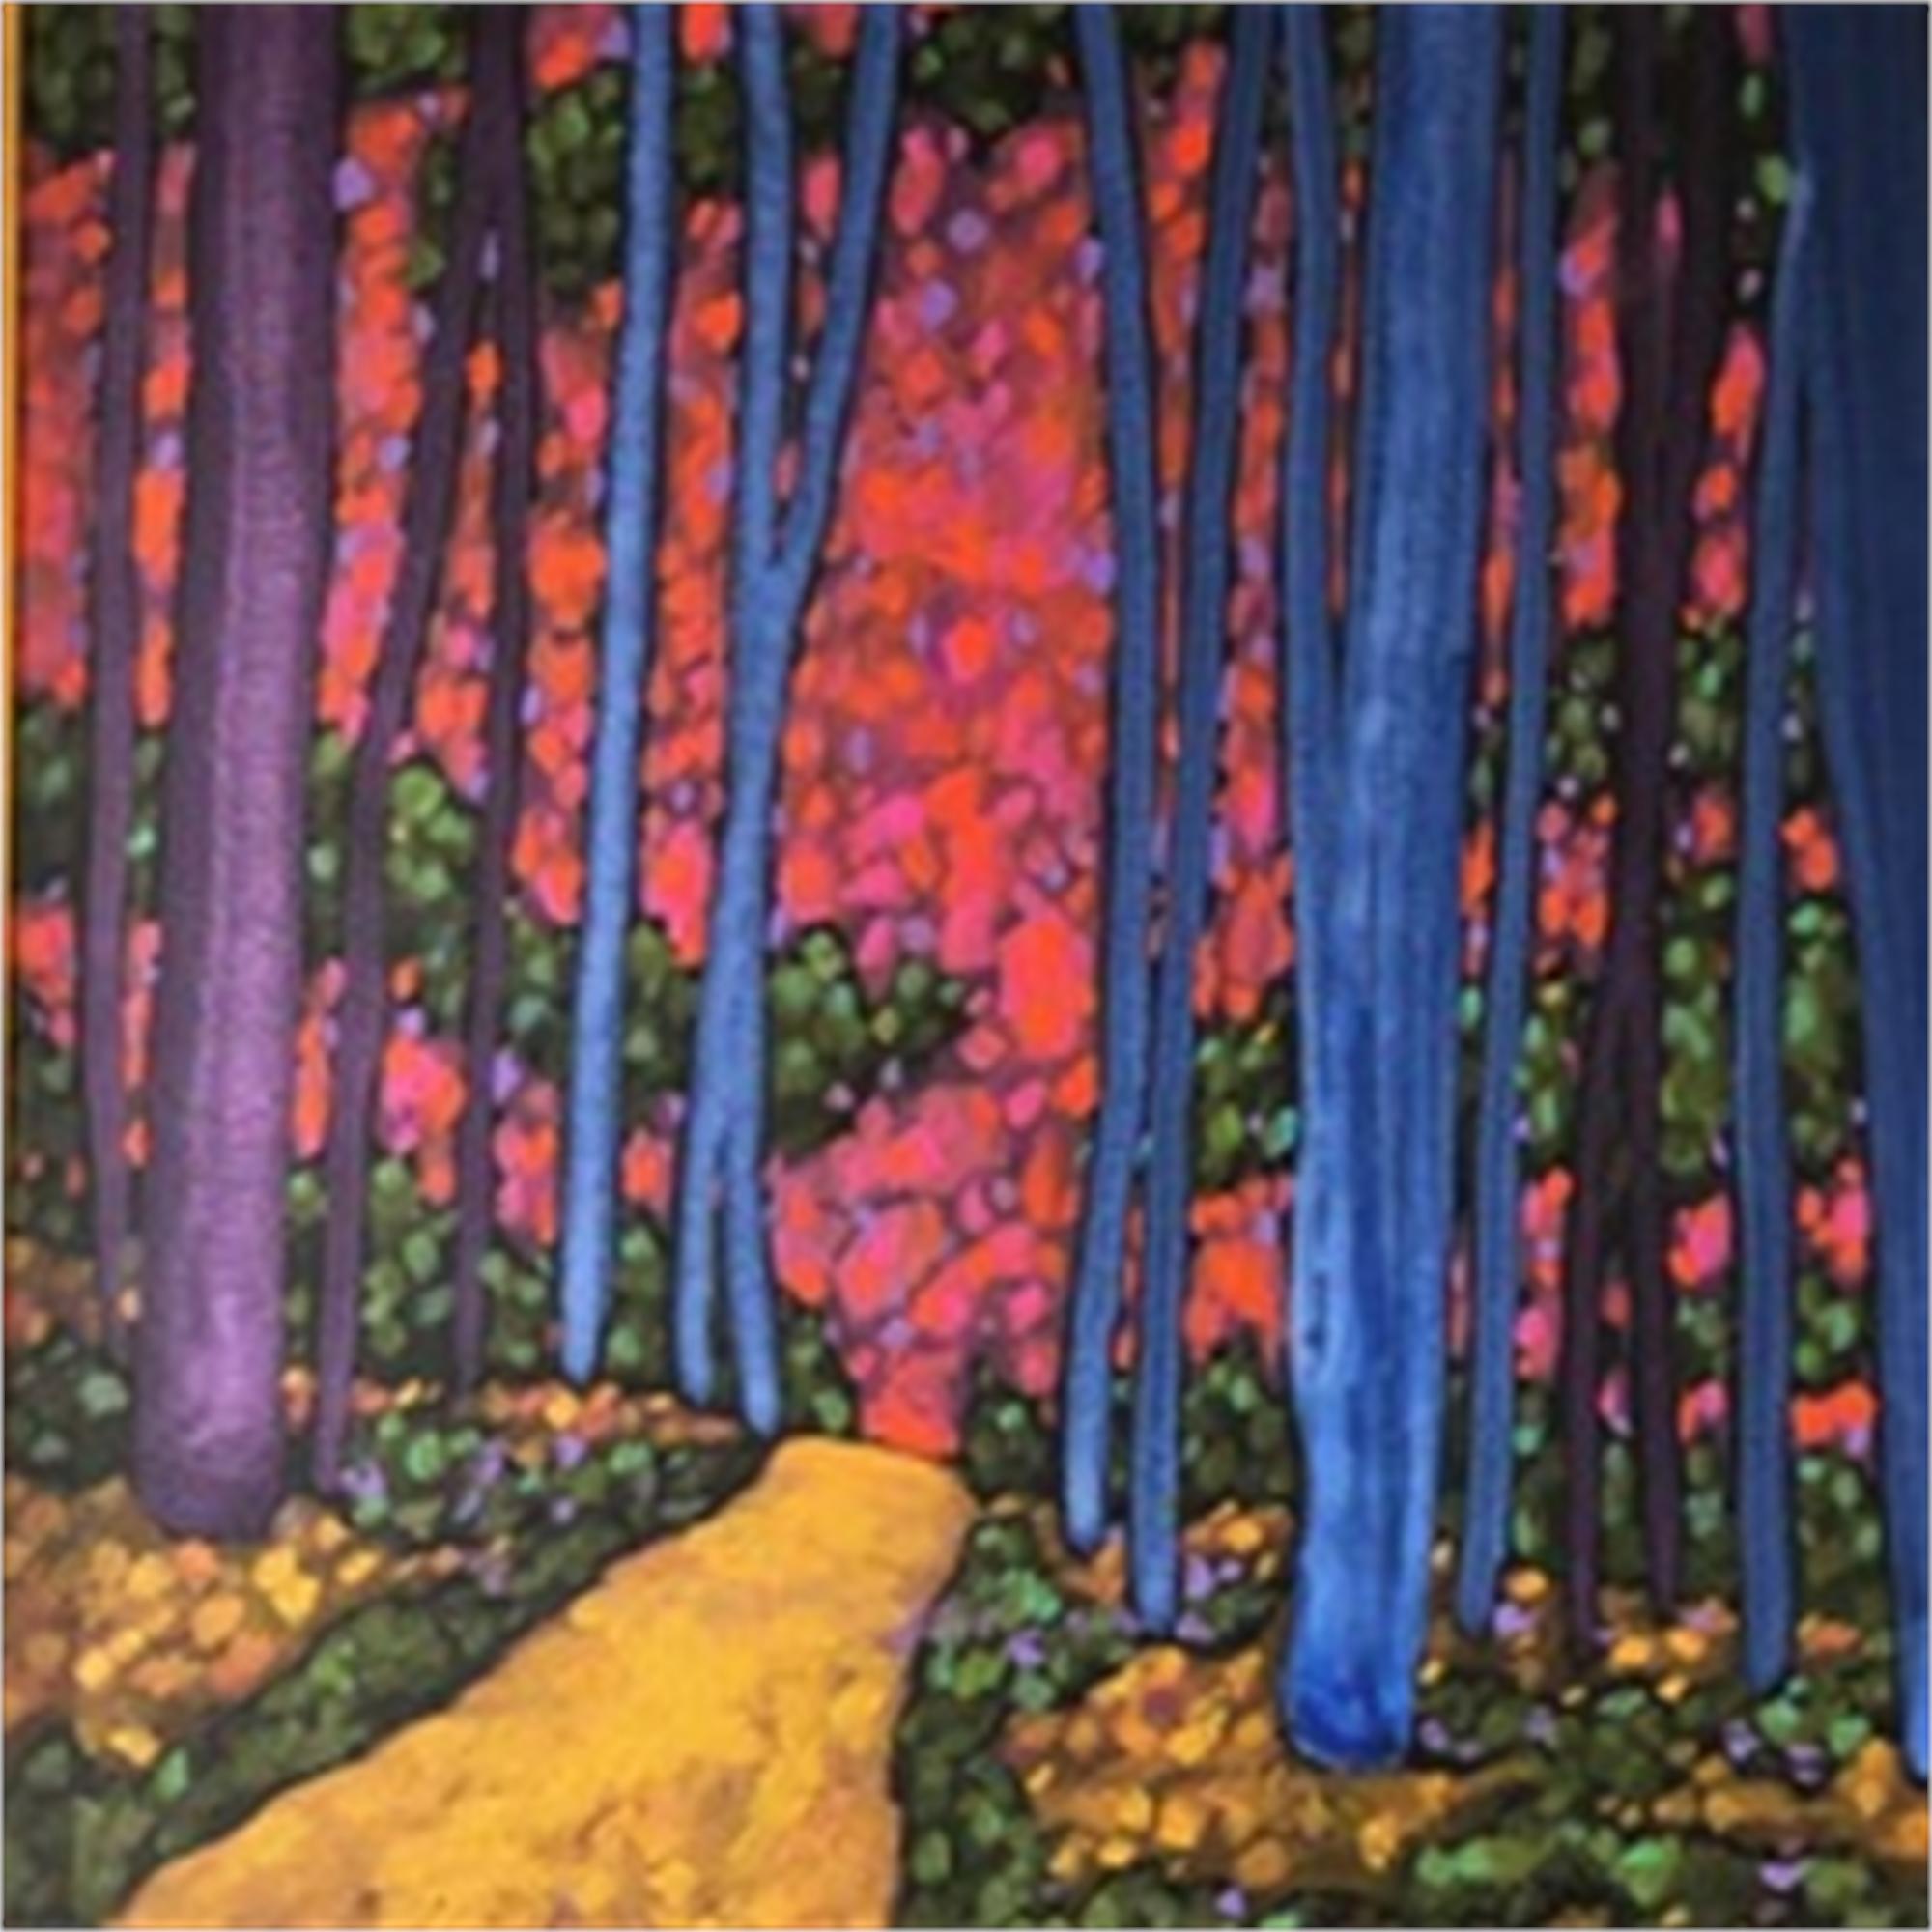 A Little Dream by R. John Ichter